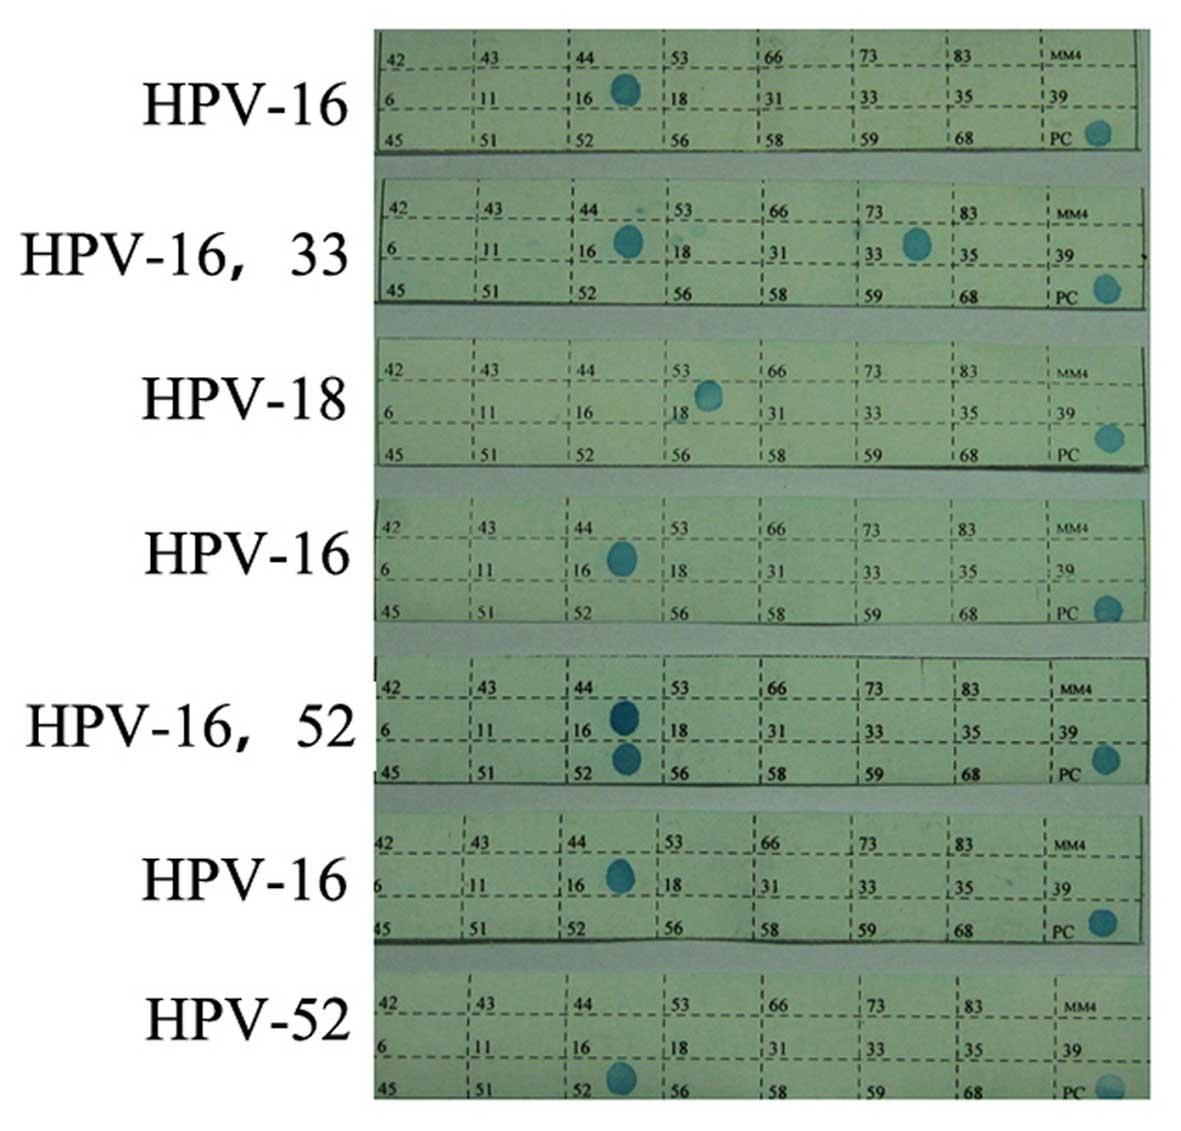 human papillomavirus 16-positive